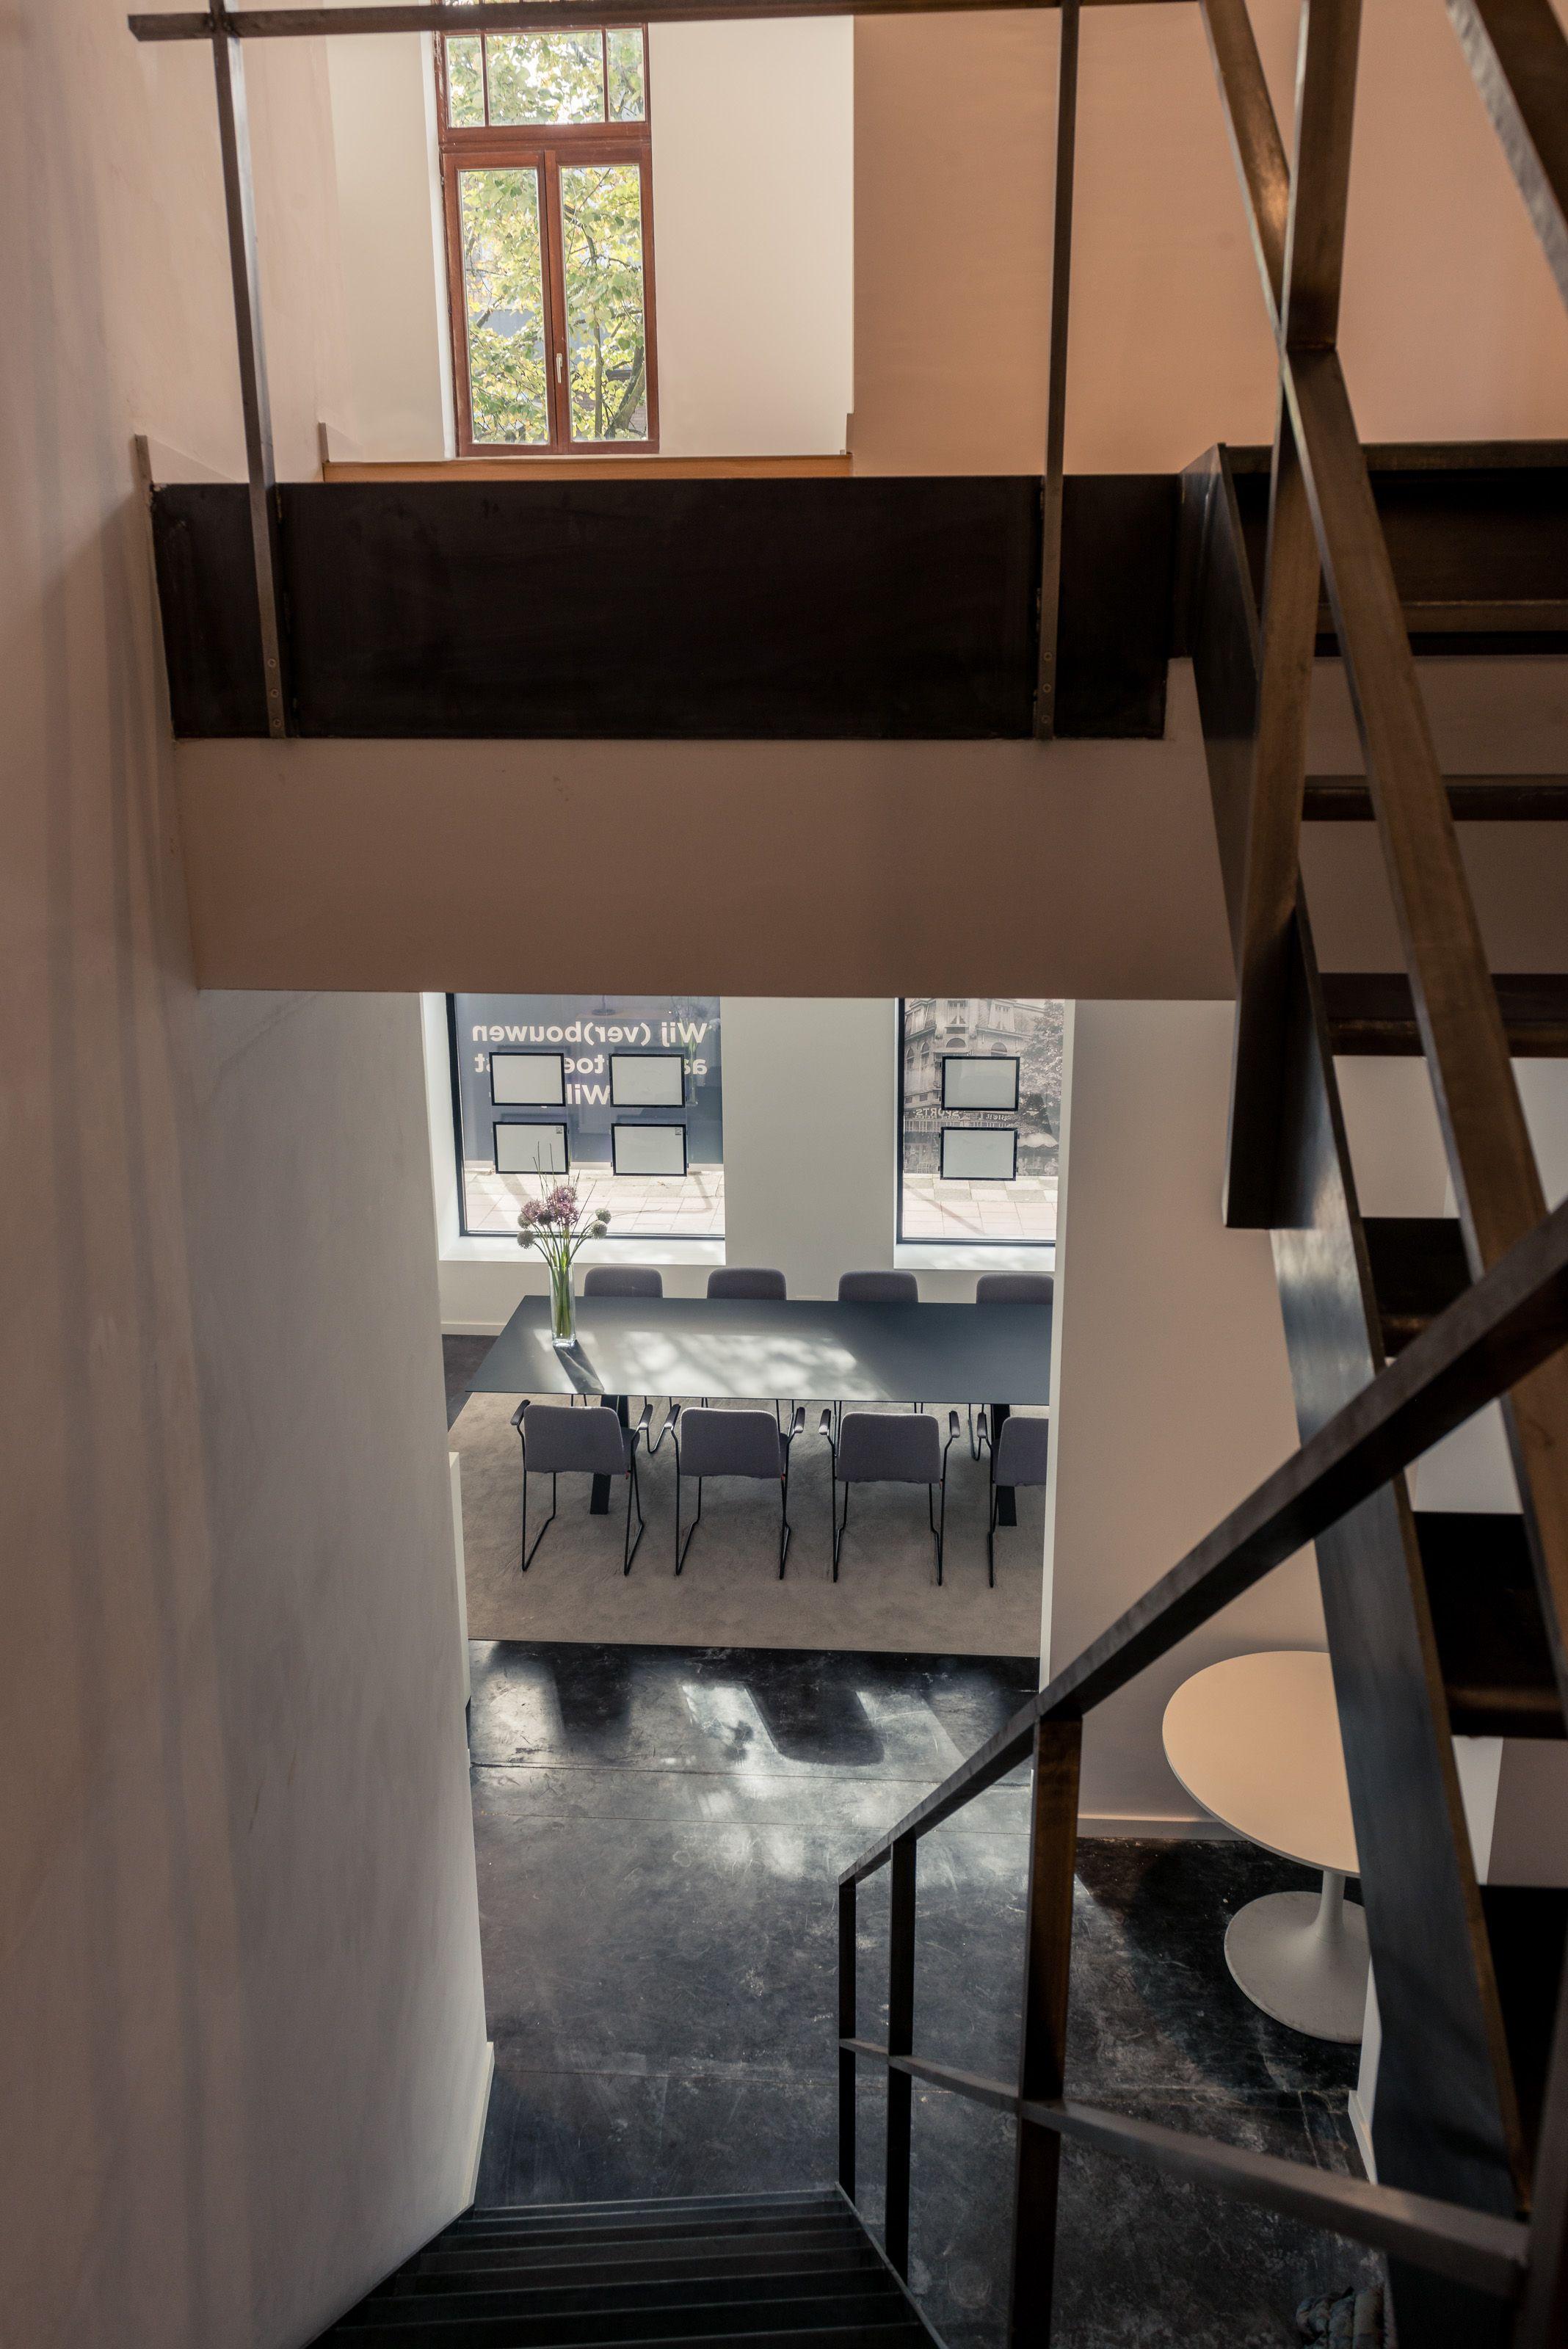 Een zicht van de trap die naar de vergaderzaal gaat